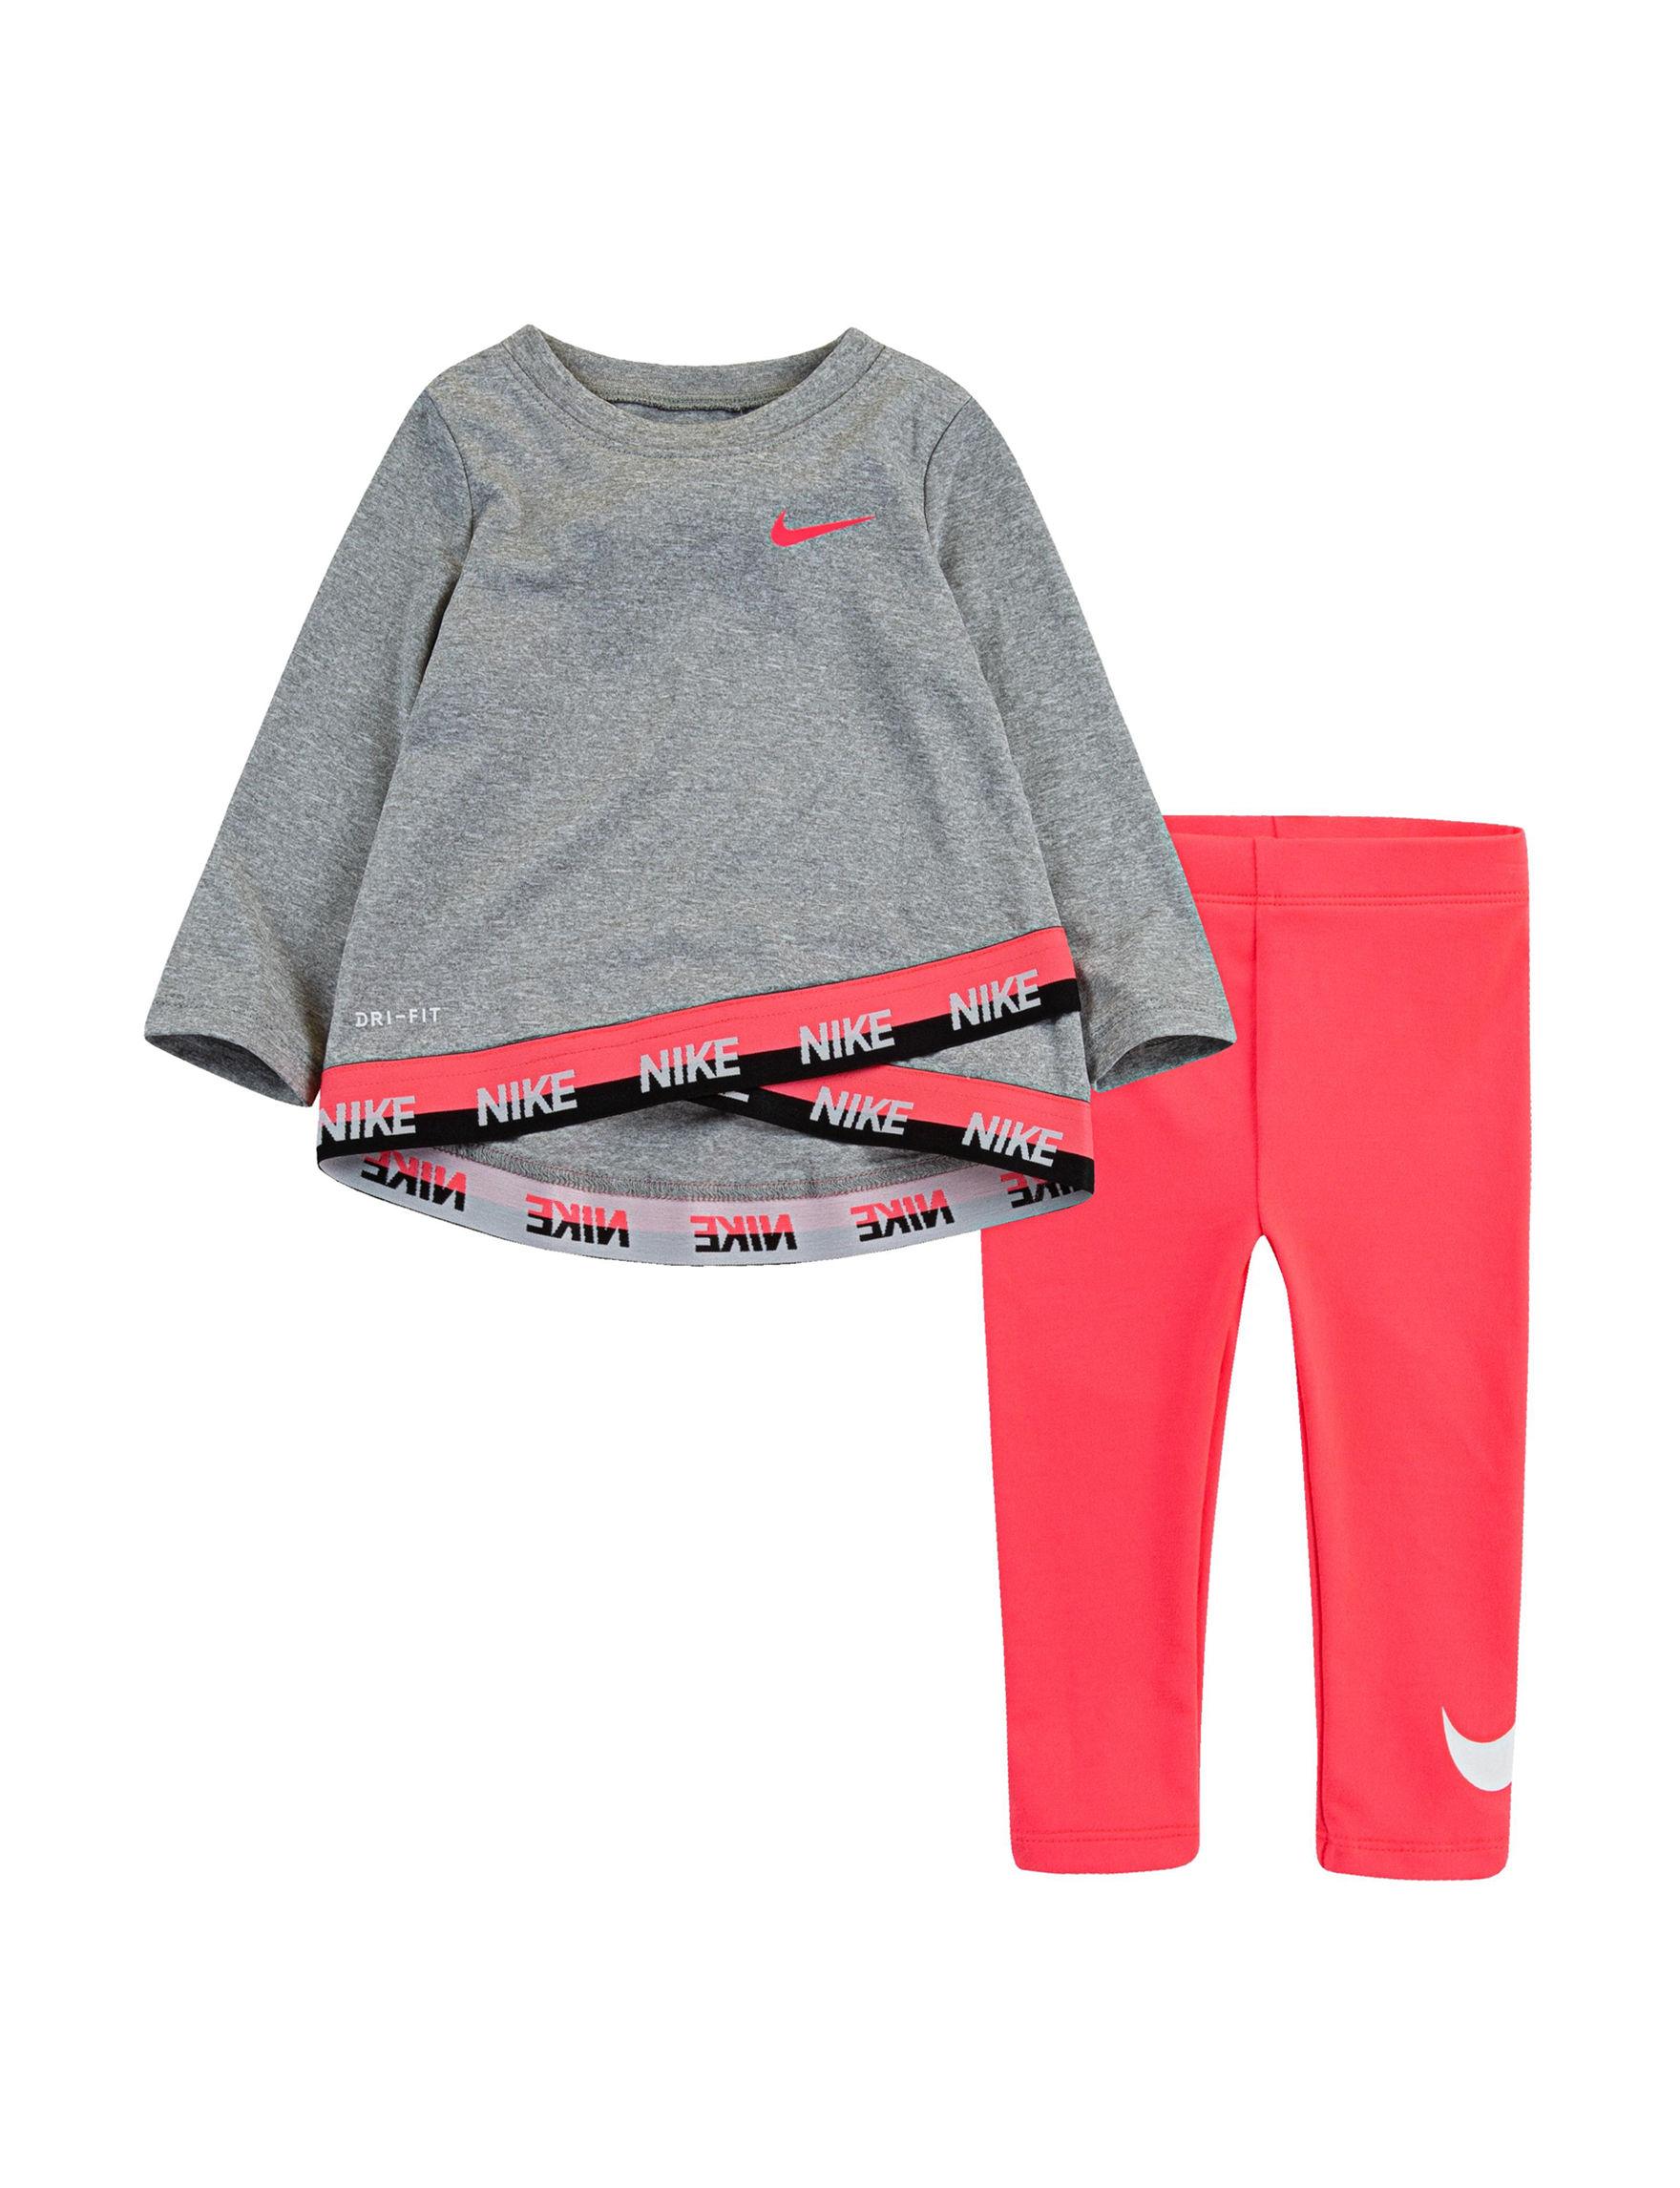 Nike Pink / Grey / Black